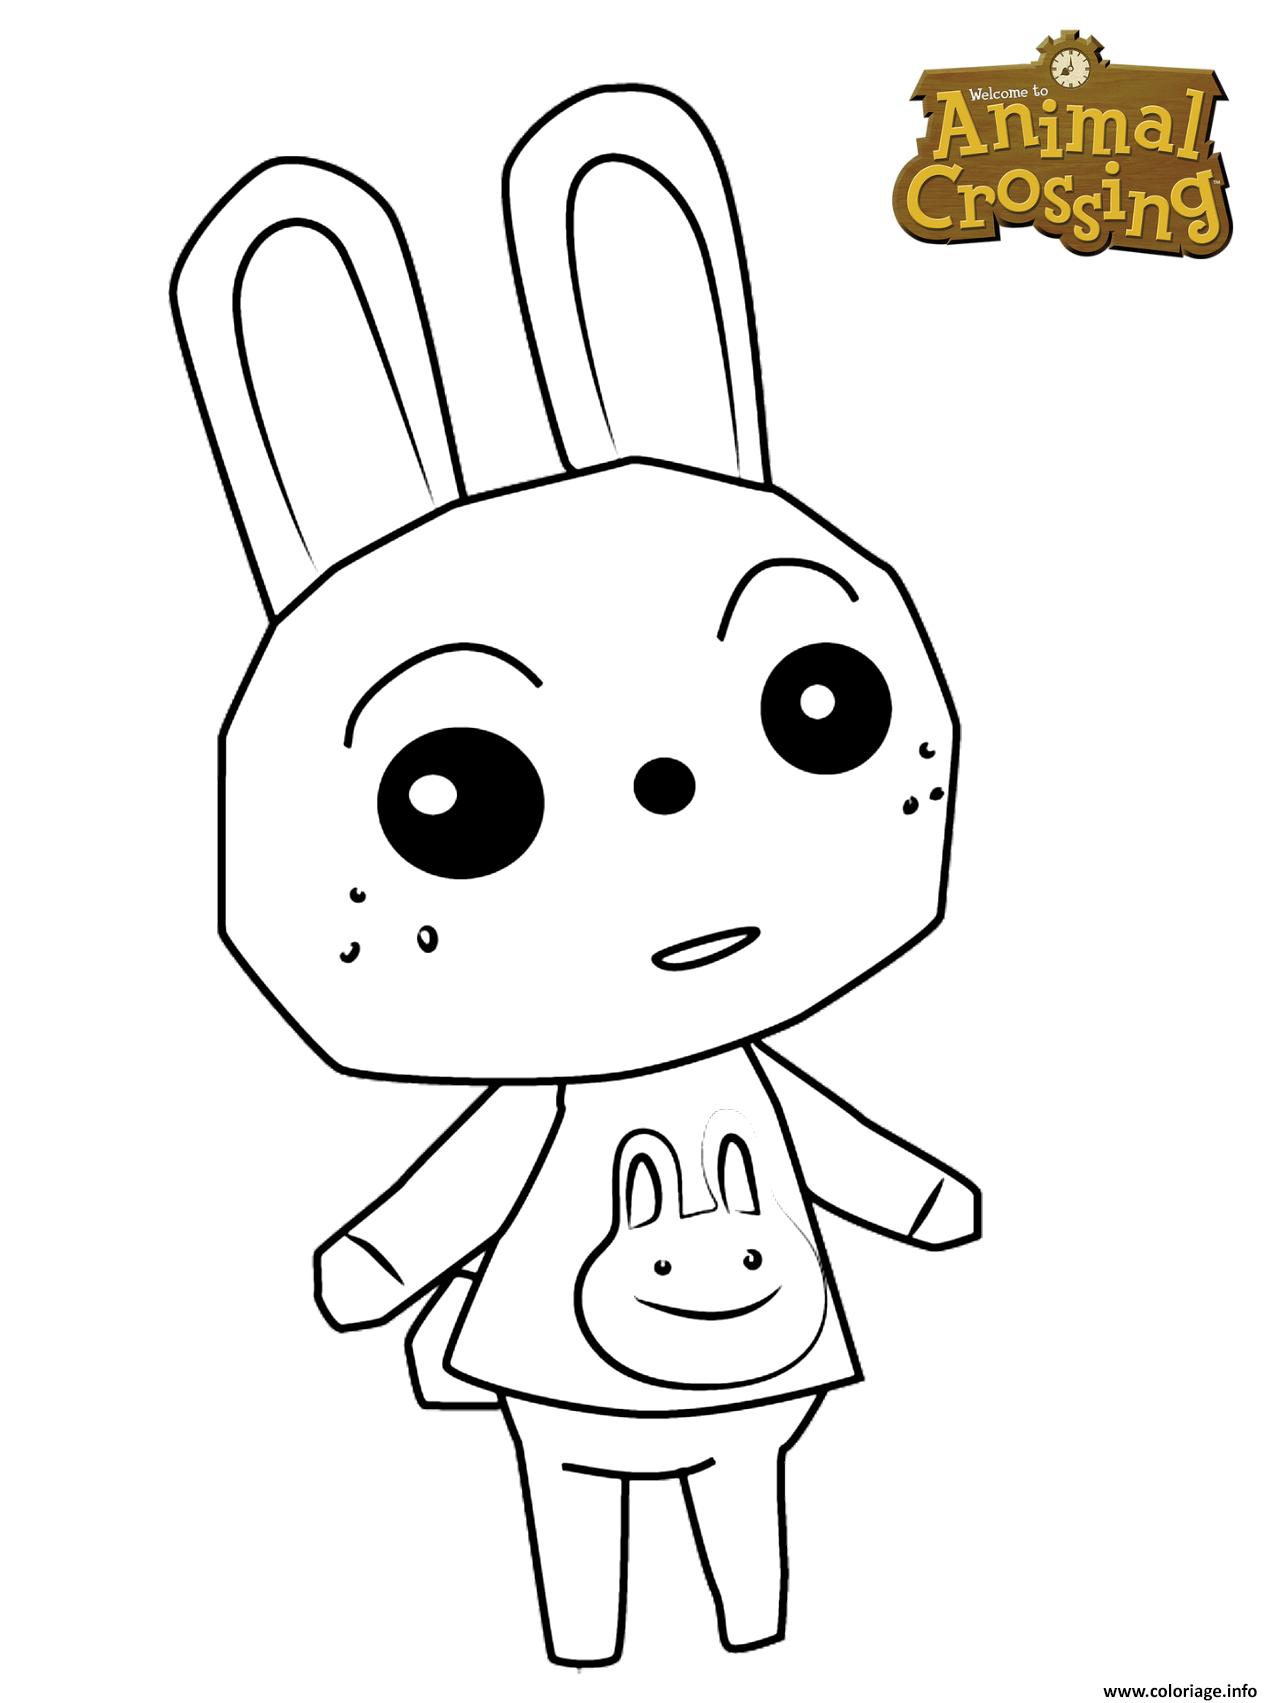 Dessin ruby the rabbit Coloriage Gratuit à Imprimer